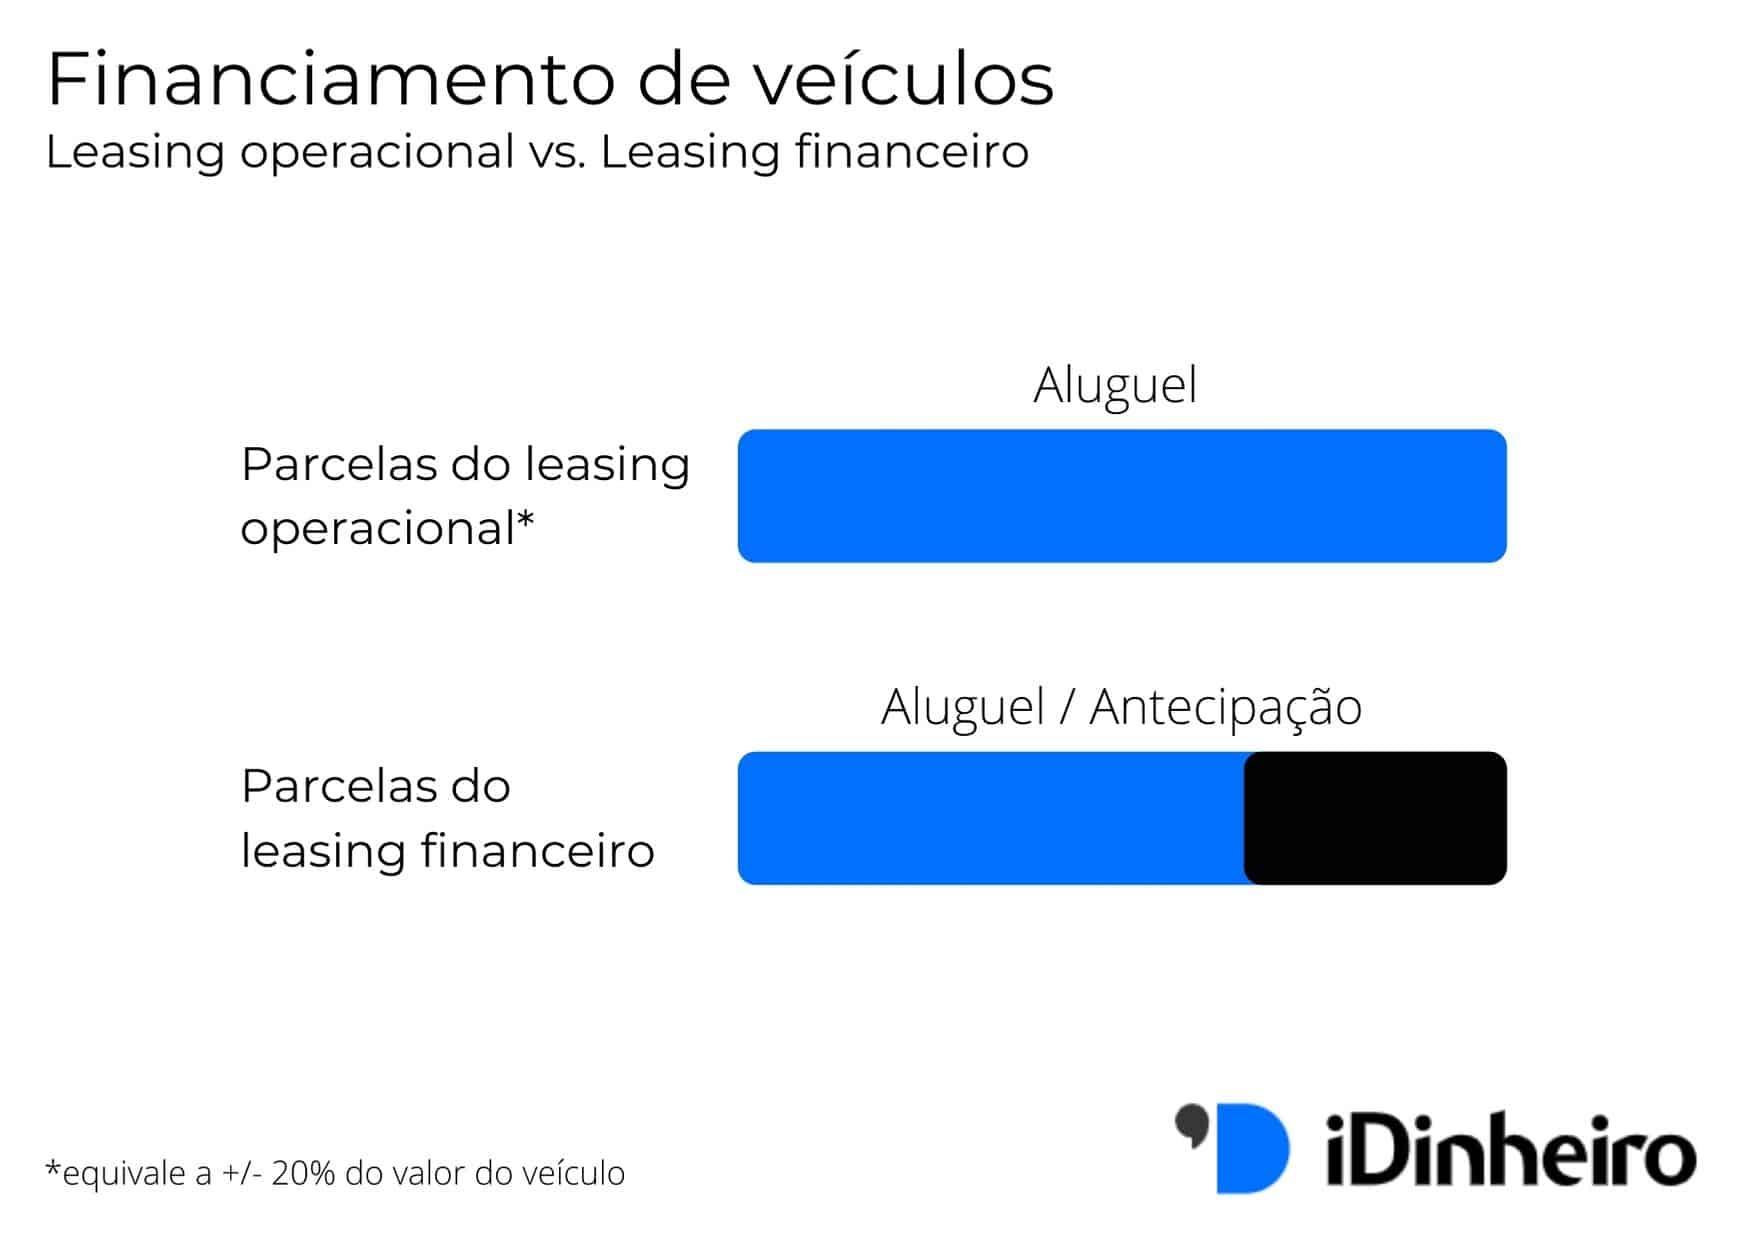 amotizacao-leasing-financiamento-de-veiculos